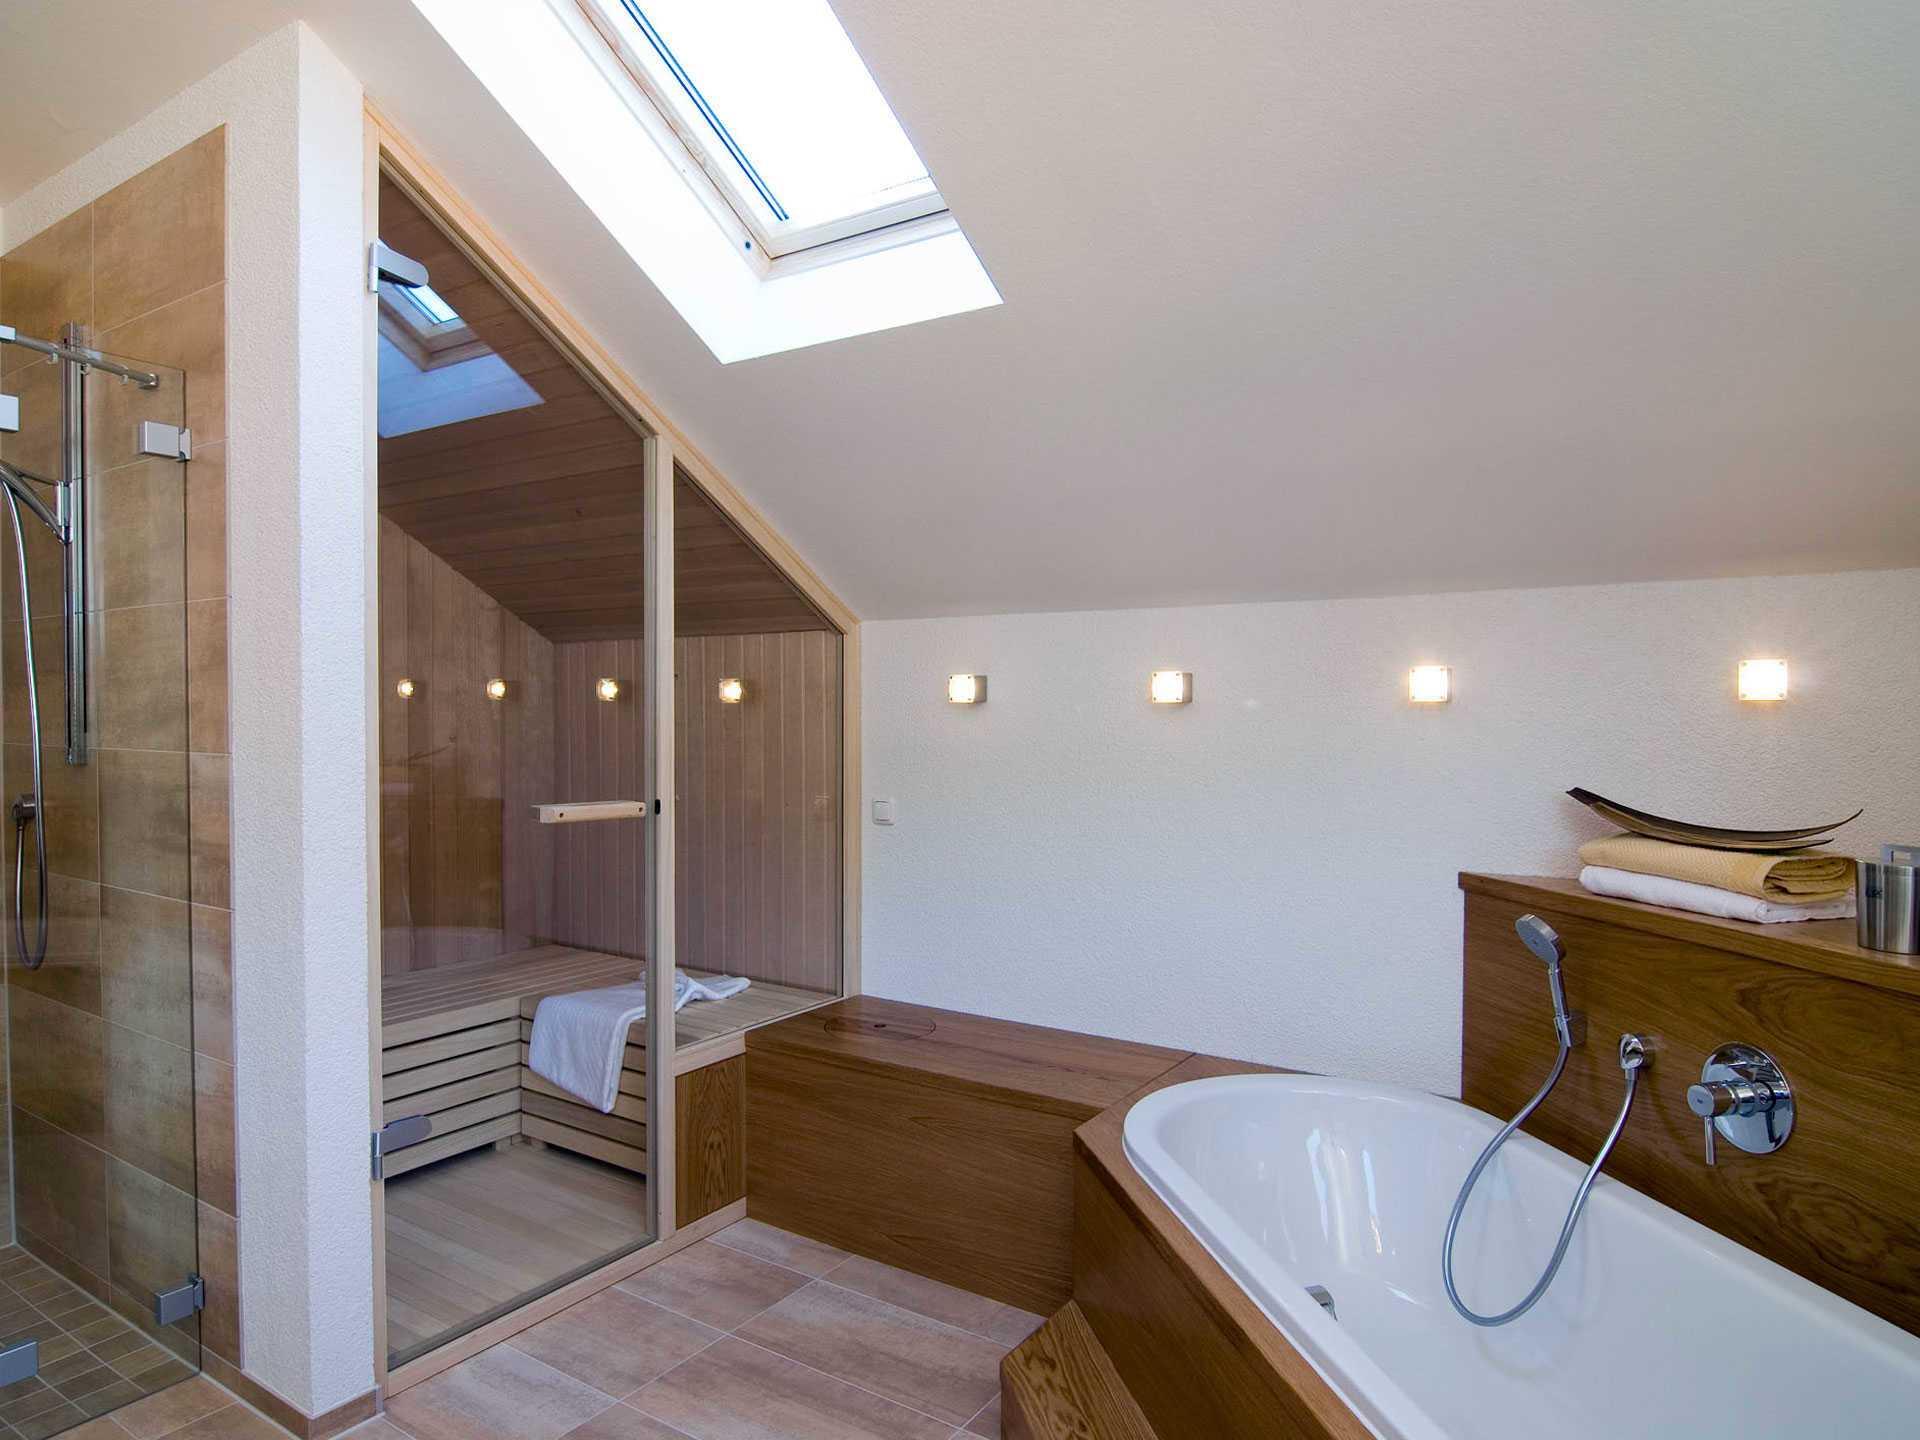 musterhaus design 168 frammelsberger holzhaus. Black Bedroom Furniture Sets. Home Design Ideas